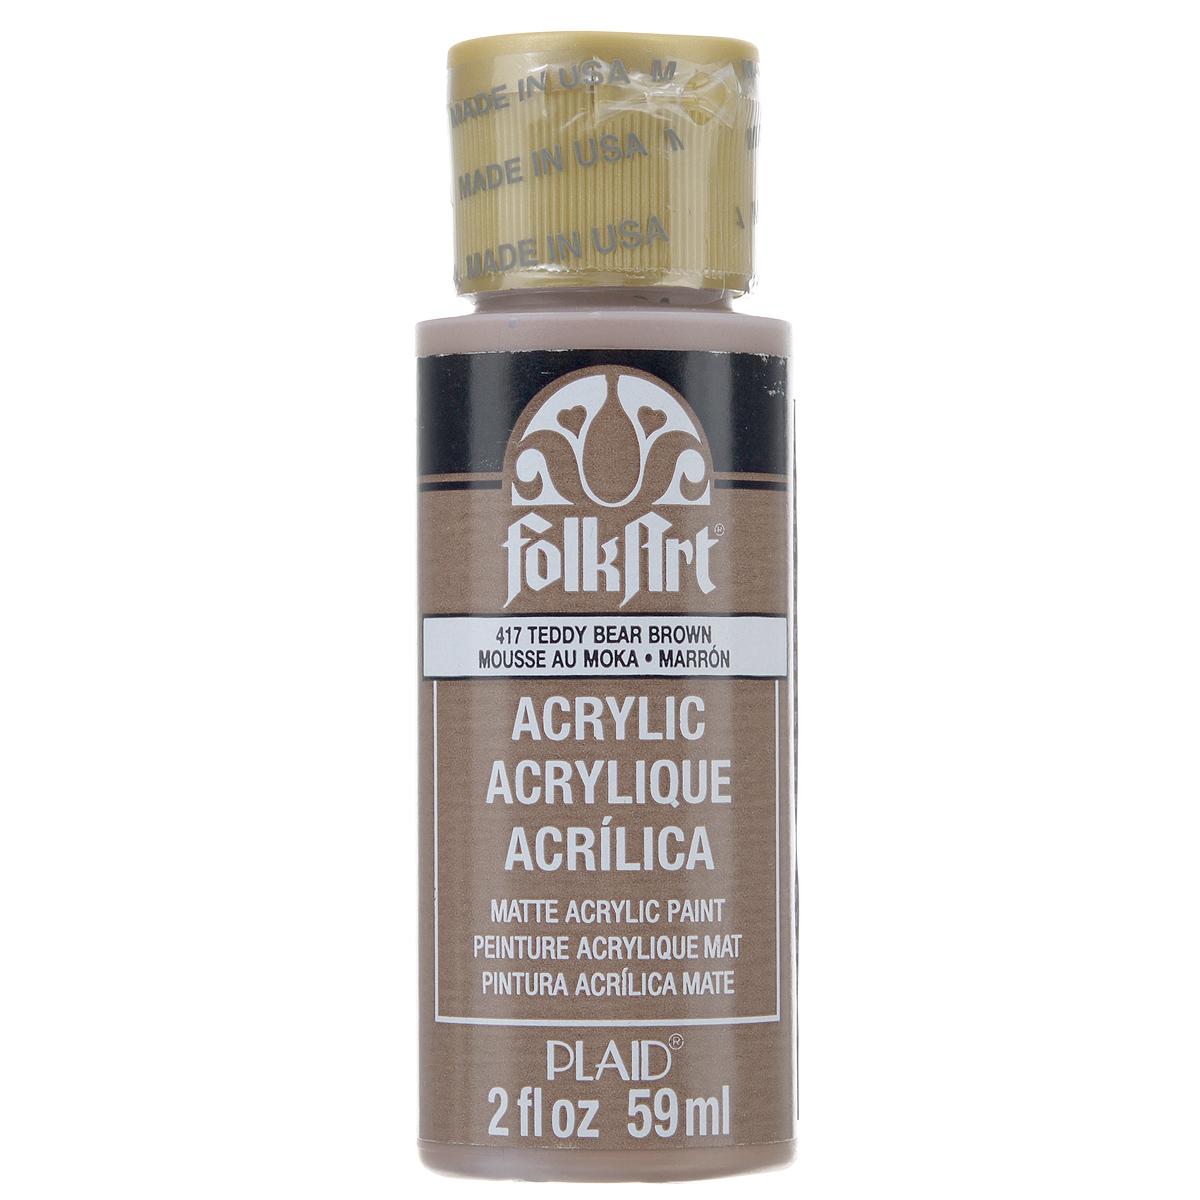 Акриловая краска FolkArt, цвет: коричневый мишка, 59 млPLD-00417Акриловая краска FolkArt выполнена на водной основе и предназначена для рисования на пористых поверхностях. Краска устойчива к погодным и ультрафиолетовым воздействиям. Не нуждается в дополнительном покрытии герметиком. После высыхания имеет глянцевый вид. Изделия покрытые краской FolkArt, прекрасно дополнят ваш интерьер. Объем: 59 мл.